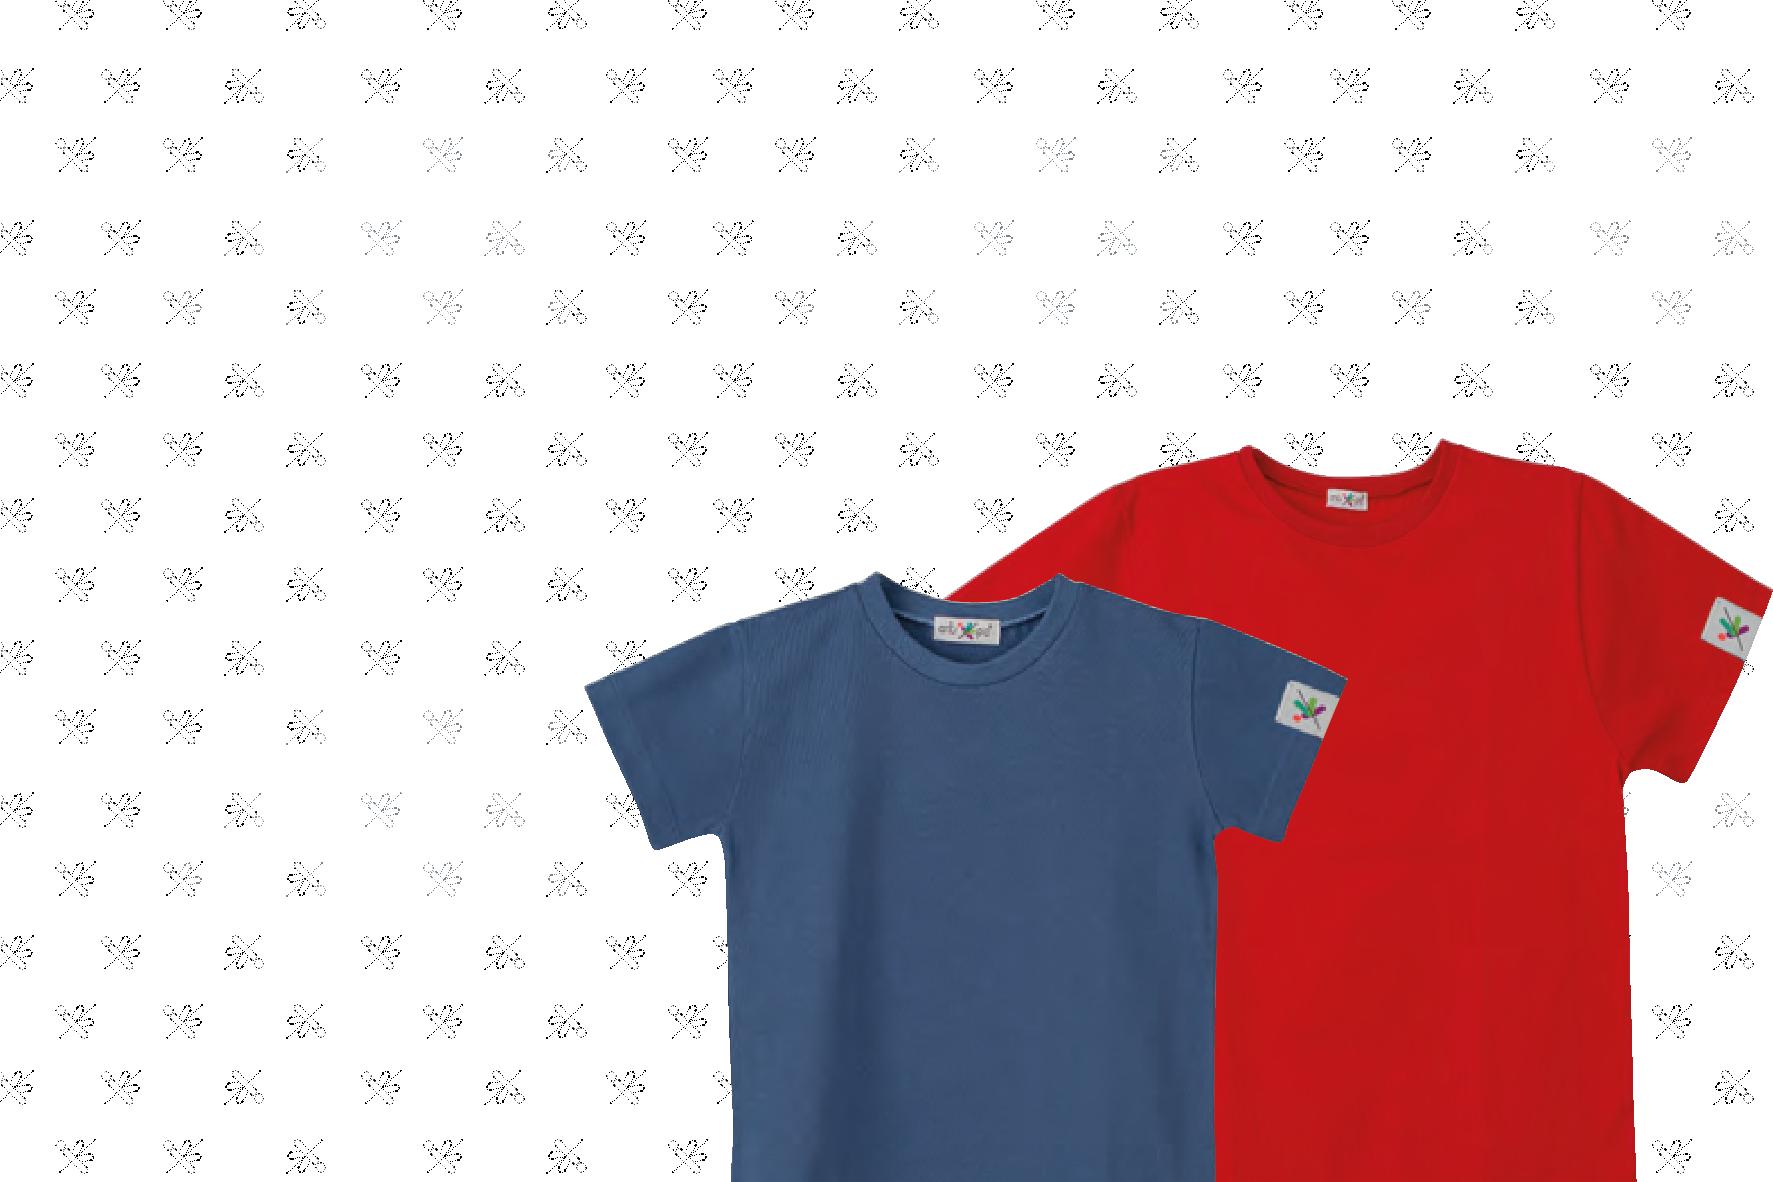 Camisetas para niños y adultos Antipik